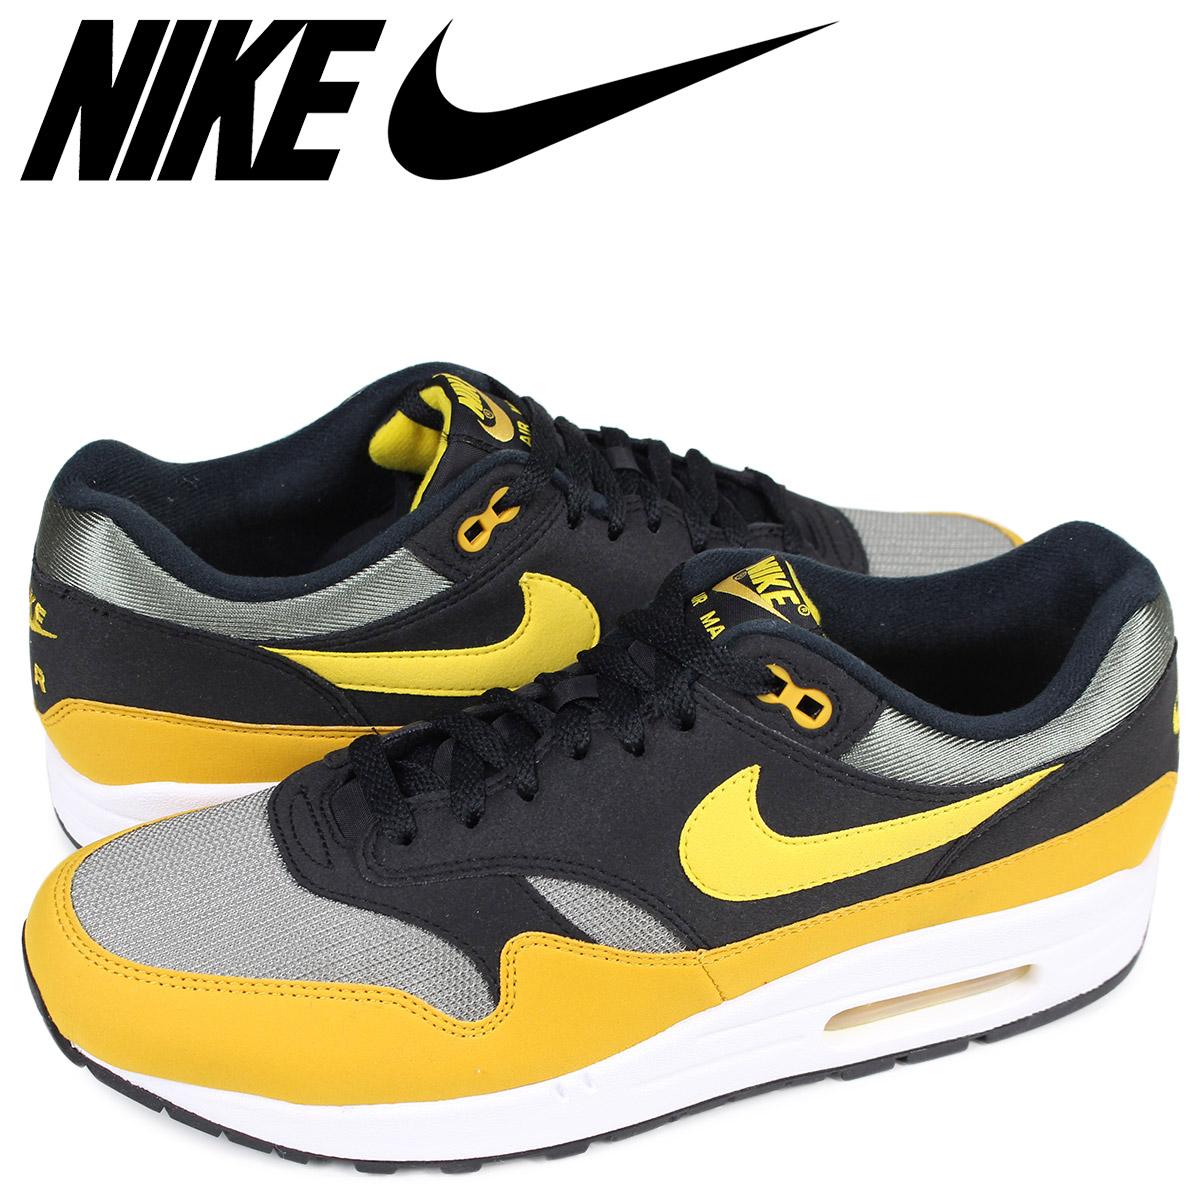 7d42ff2107213 SneaK Online Shop: Nike NIKE Air Max 1 sneakers men AIR MAX 1 AH8145 ...